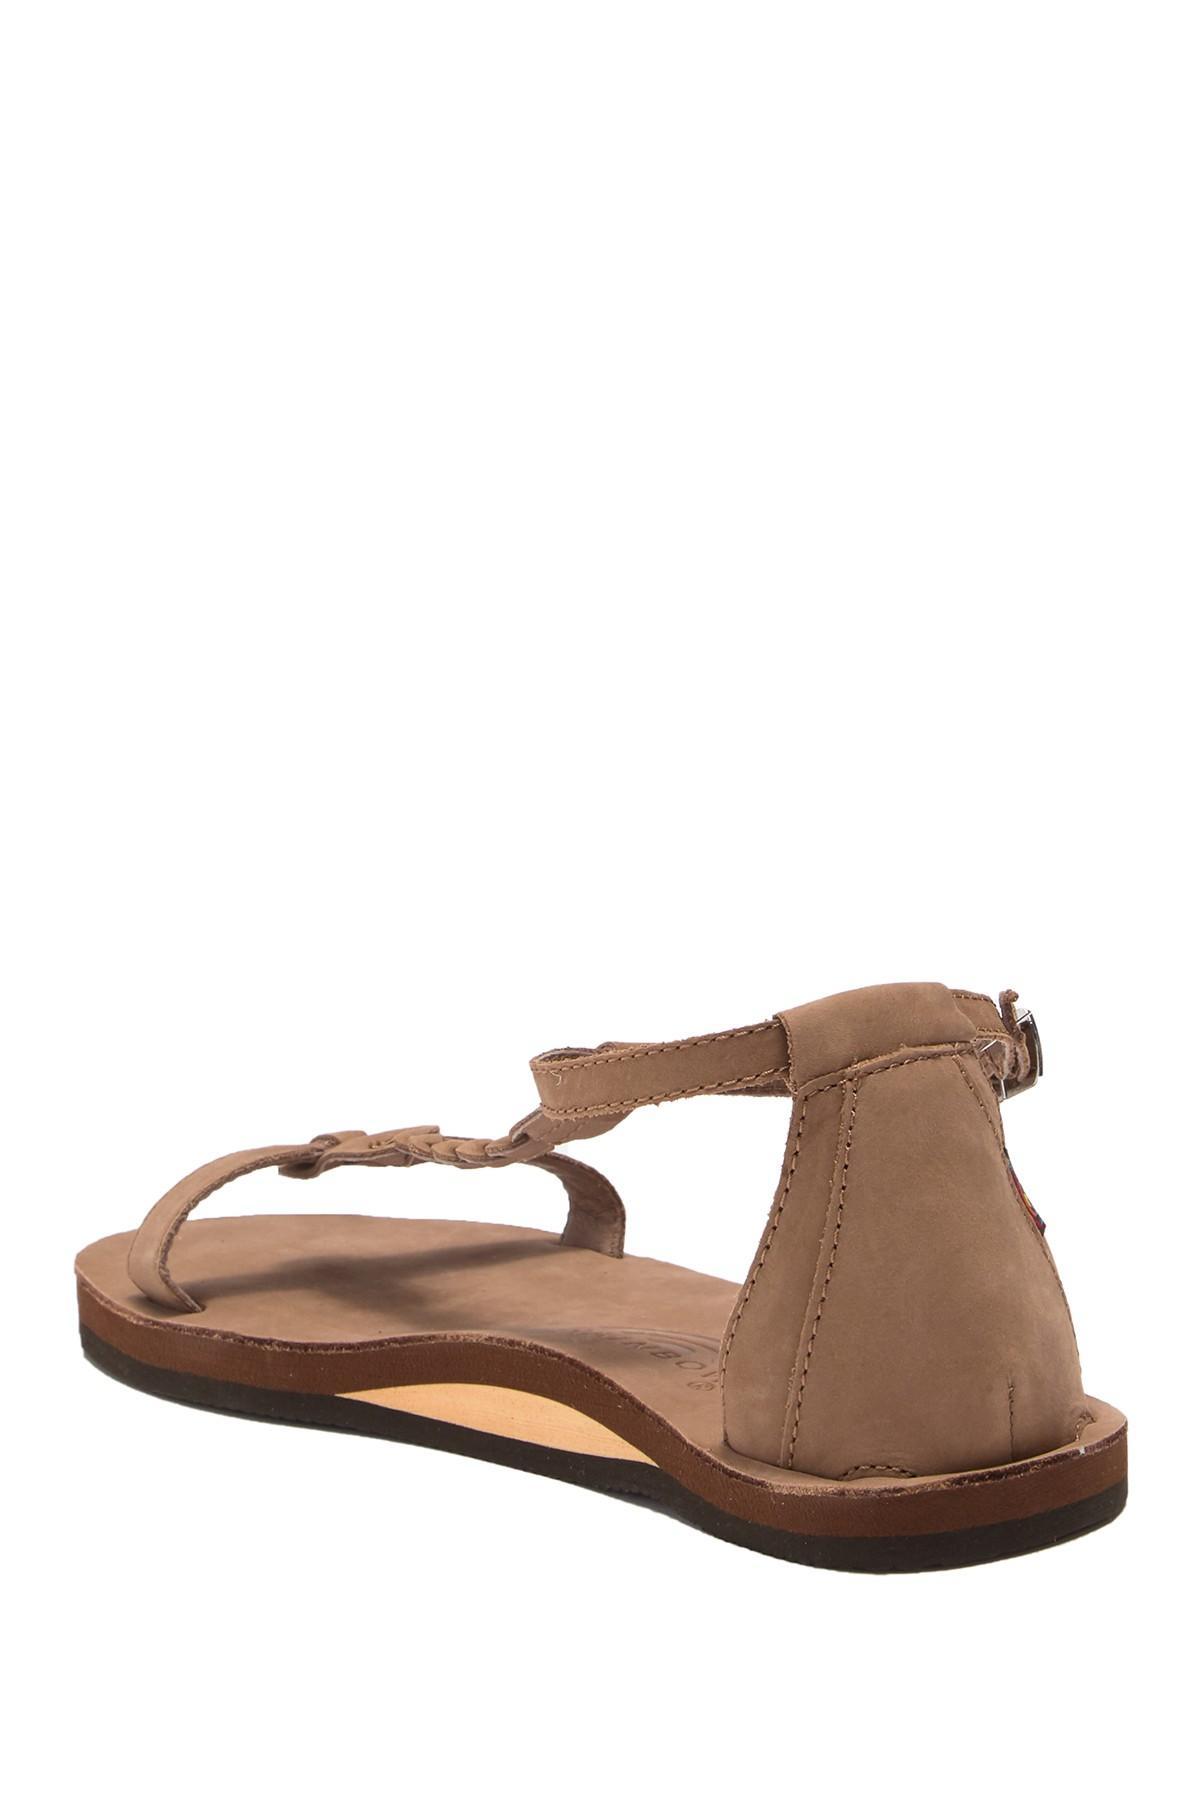 1cc6a9125e6 Rainbow Sandals - Brown Calafia Single Layer Center Braid Heel - Lyst. View  fullscreen